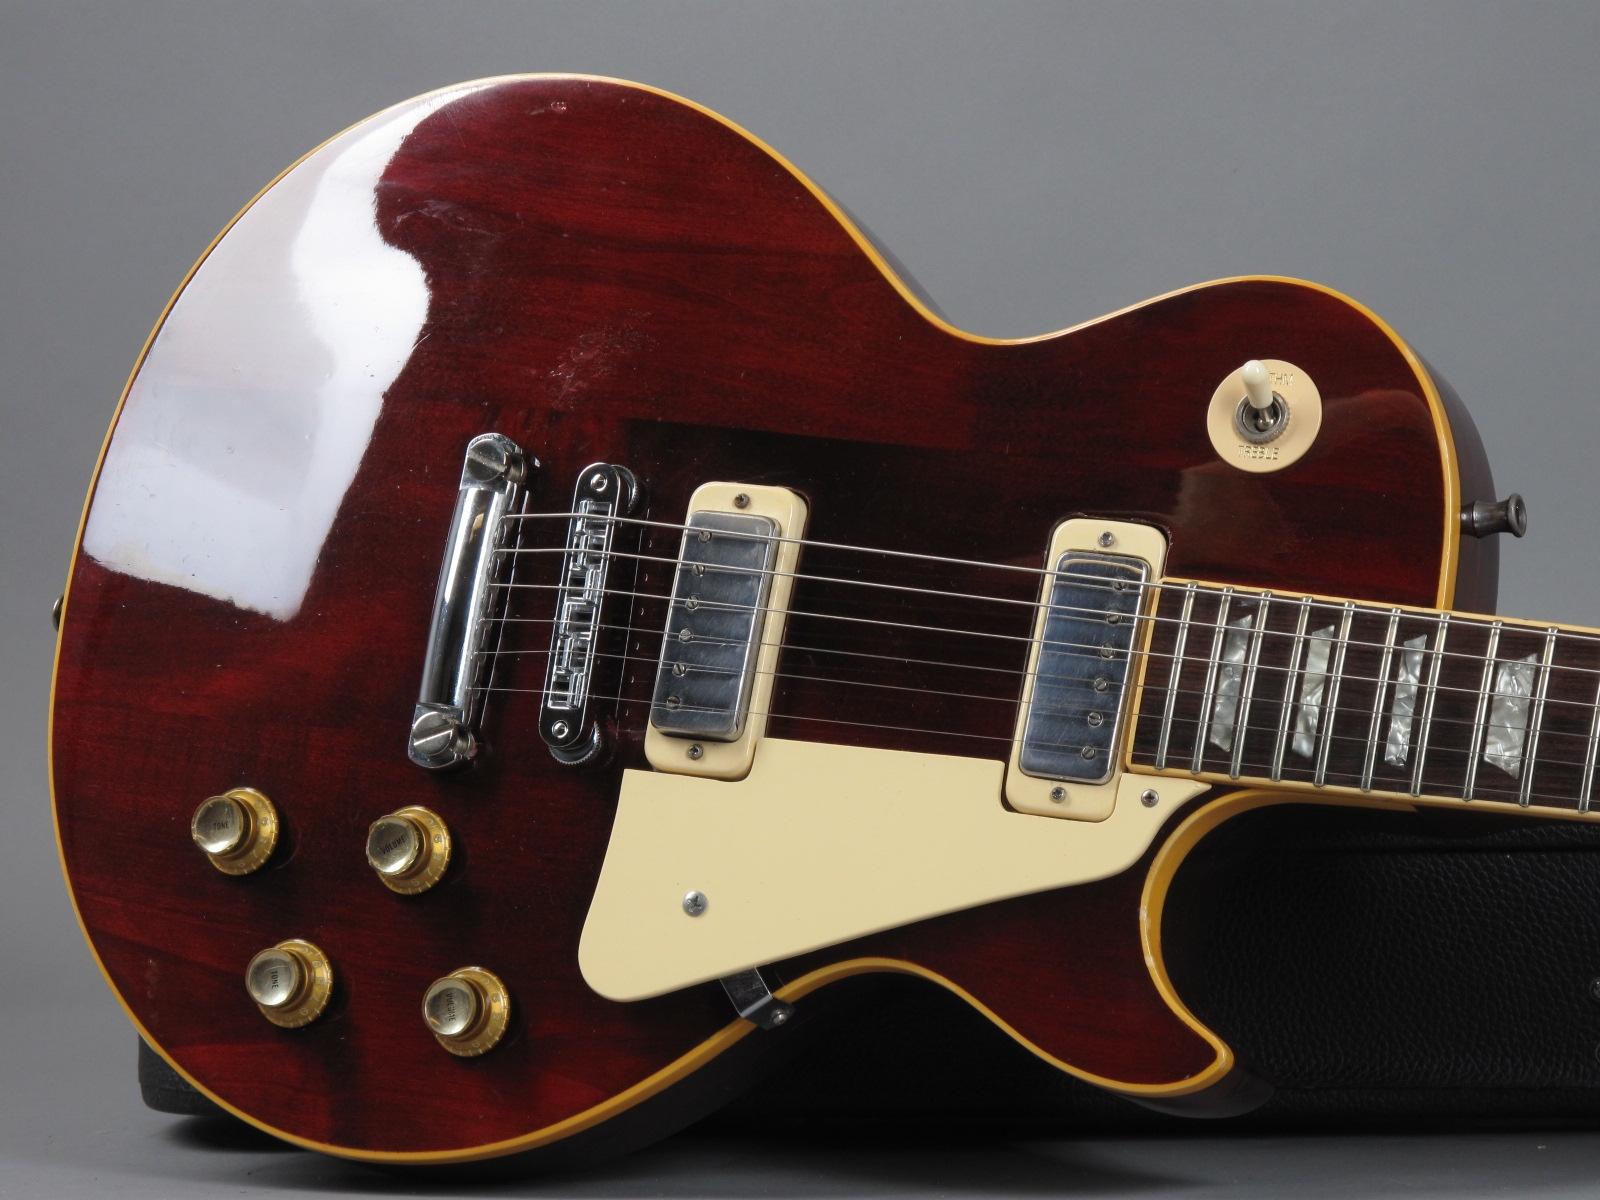 https://guitarpoint.de/app/uploads/products/1975-gibson-les-paul-deluxe-winered/1975-Gibson-Les-Paul-Deluxe-Winered_99222655_19.jpg